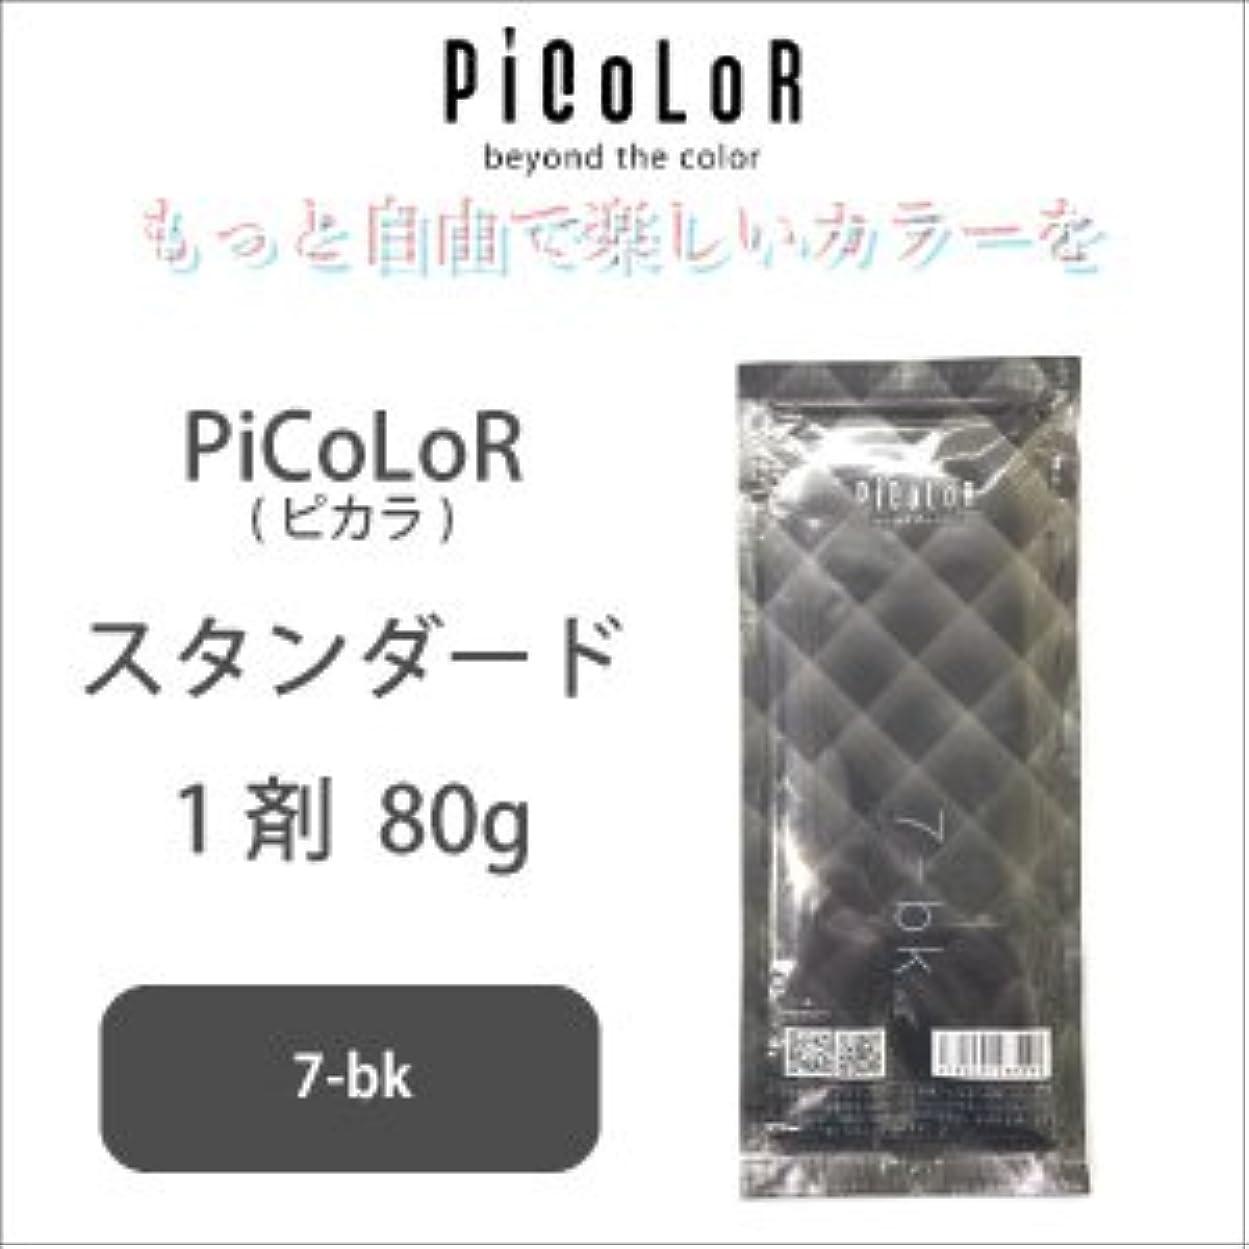 手書きポータブル変換するムコタ ピカラ ヘアカラー スタンダード 7-bk 1剤 80g